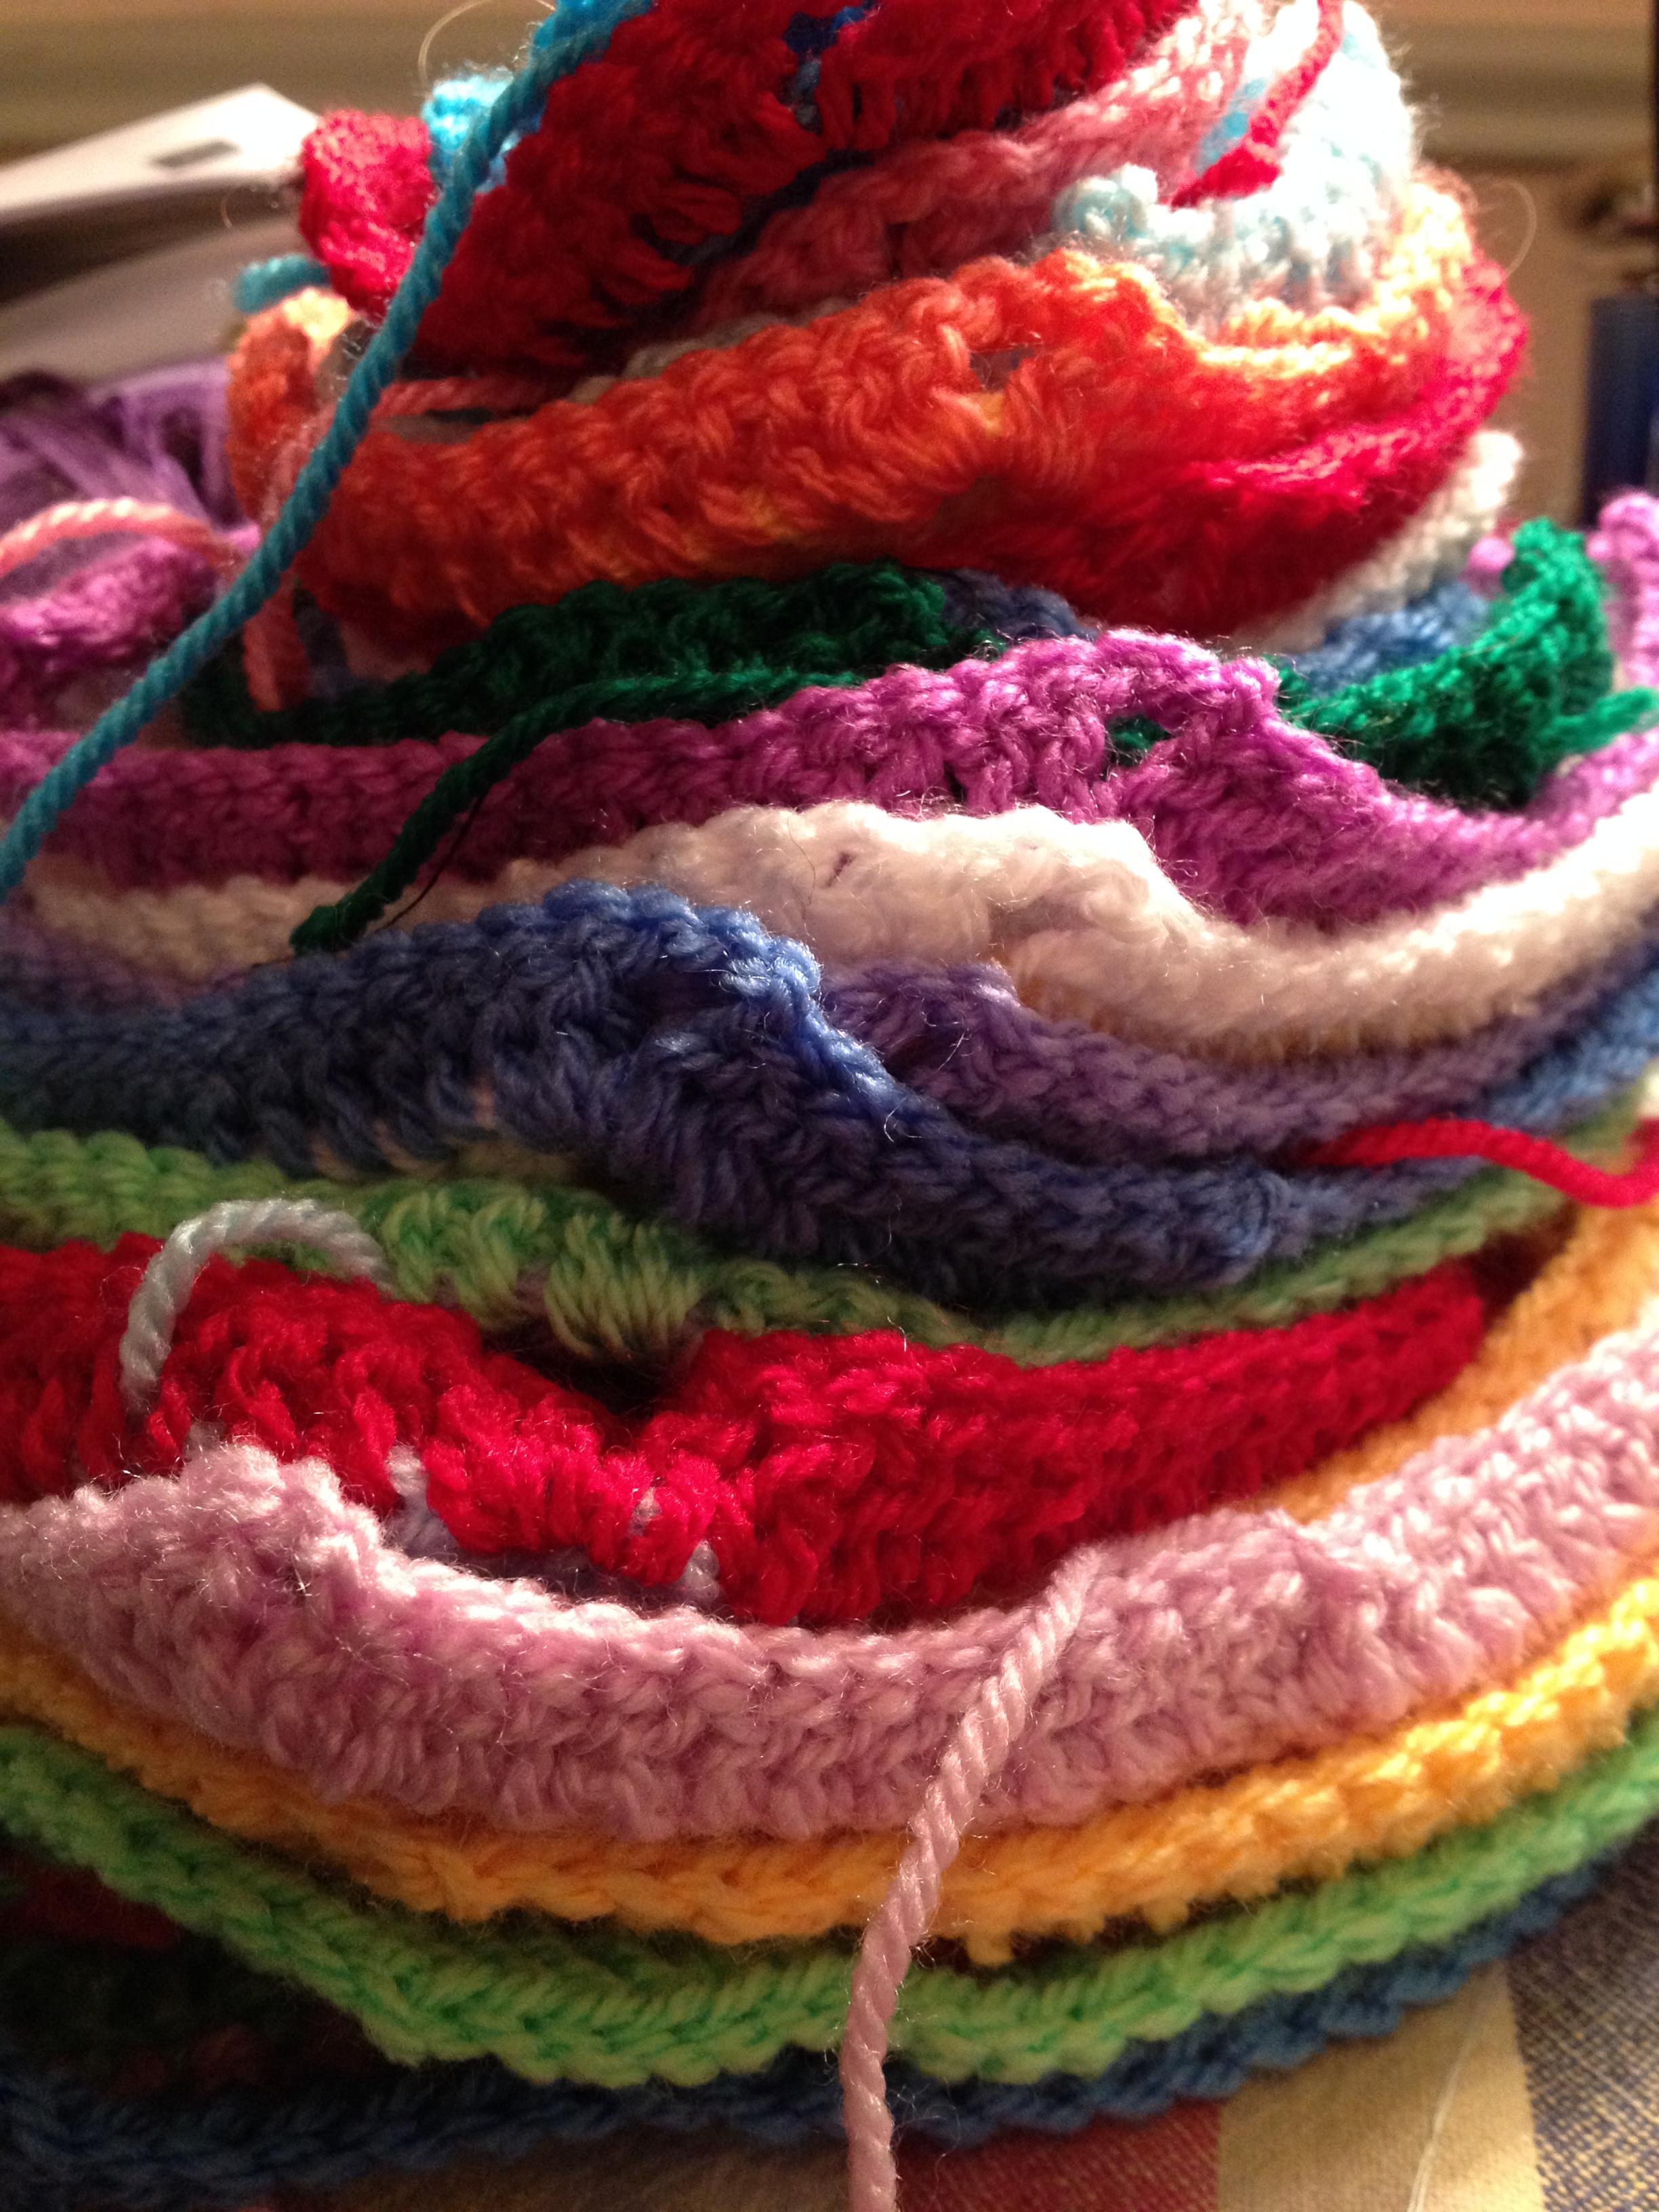 Ta dah! Granny Square Blanket